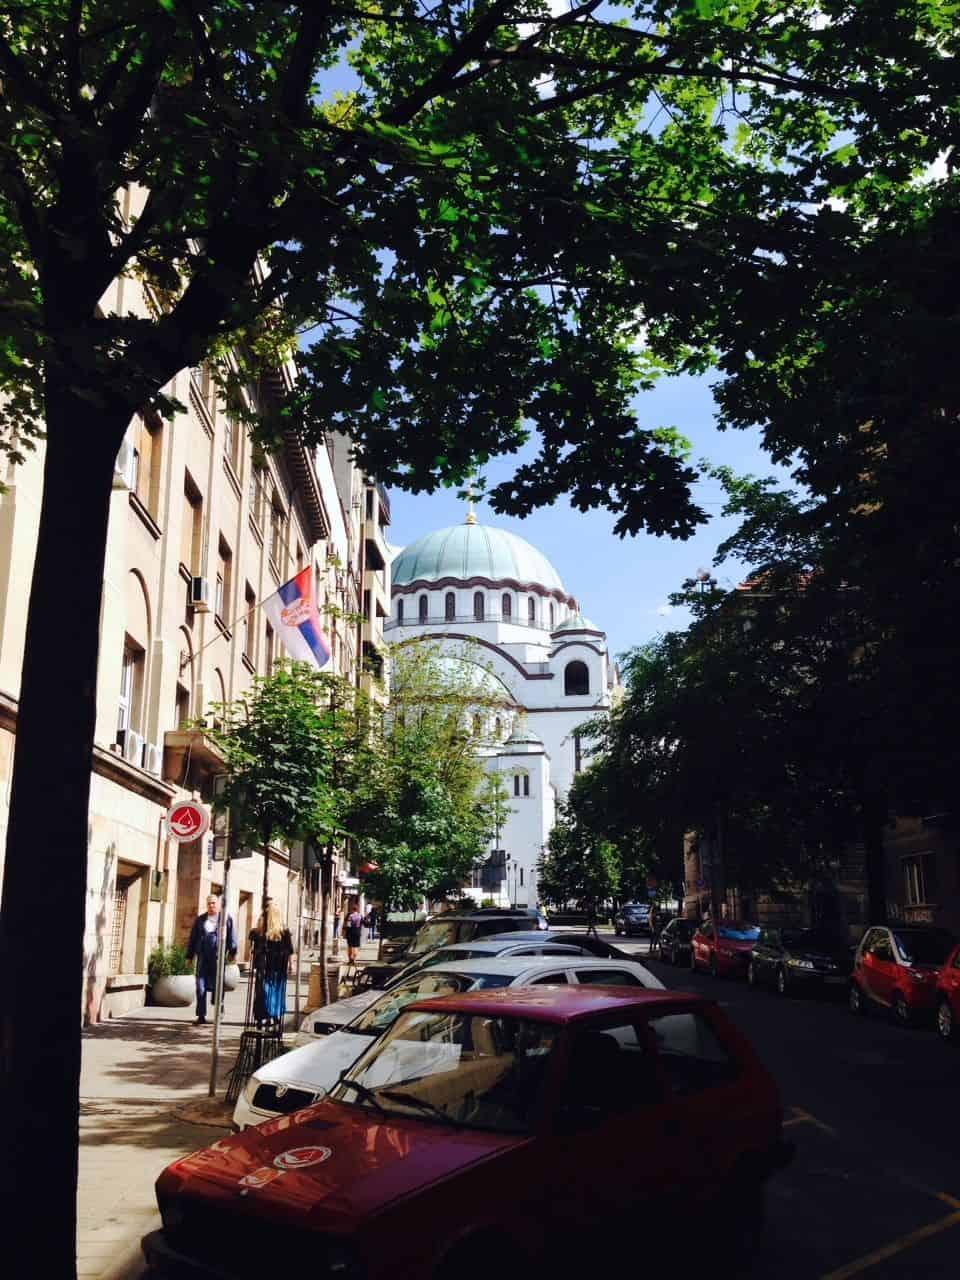 Rejse refleksion Serbien